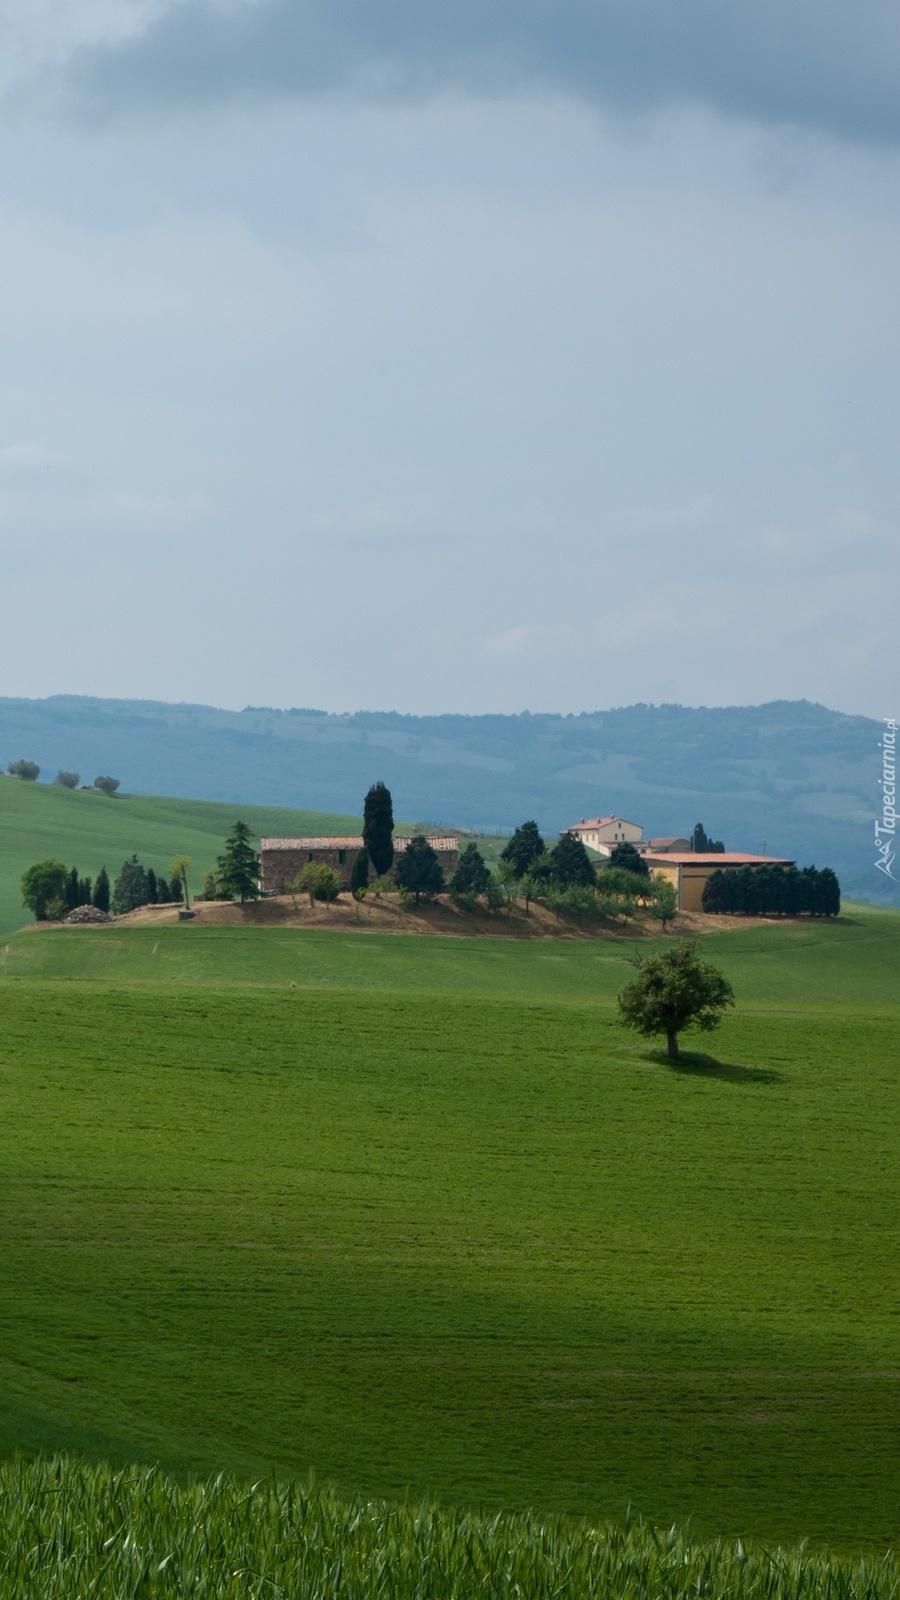 Zabudowania w Toskanii